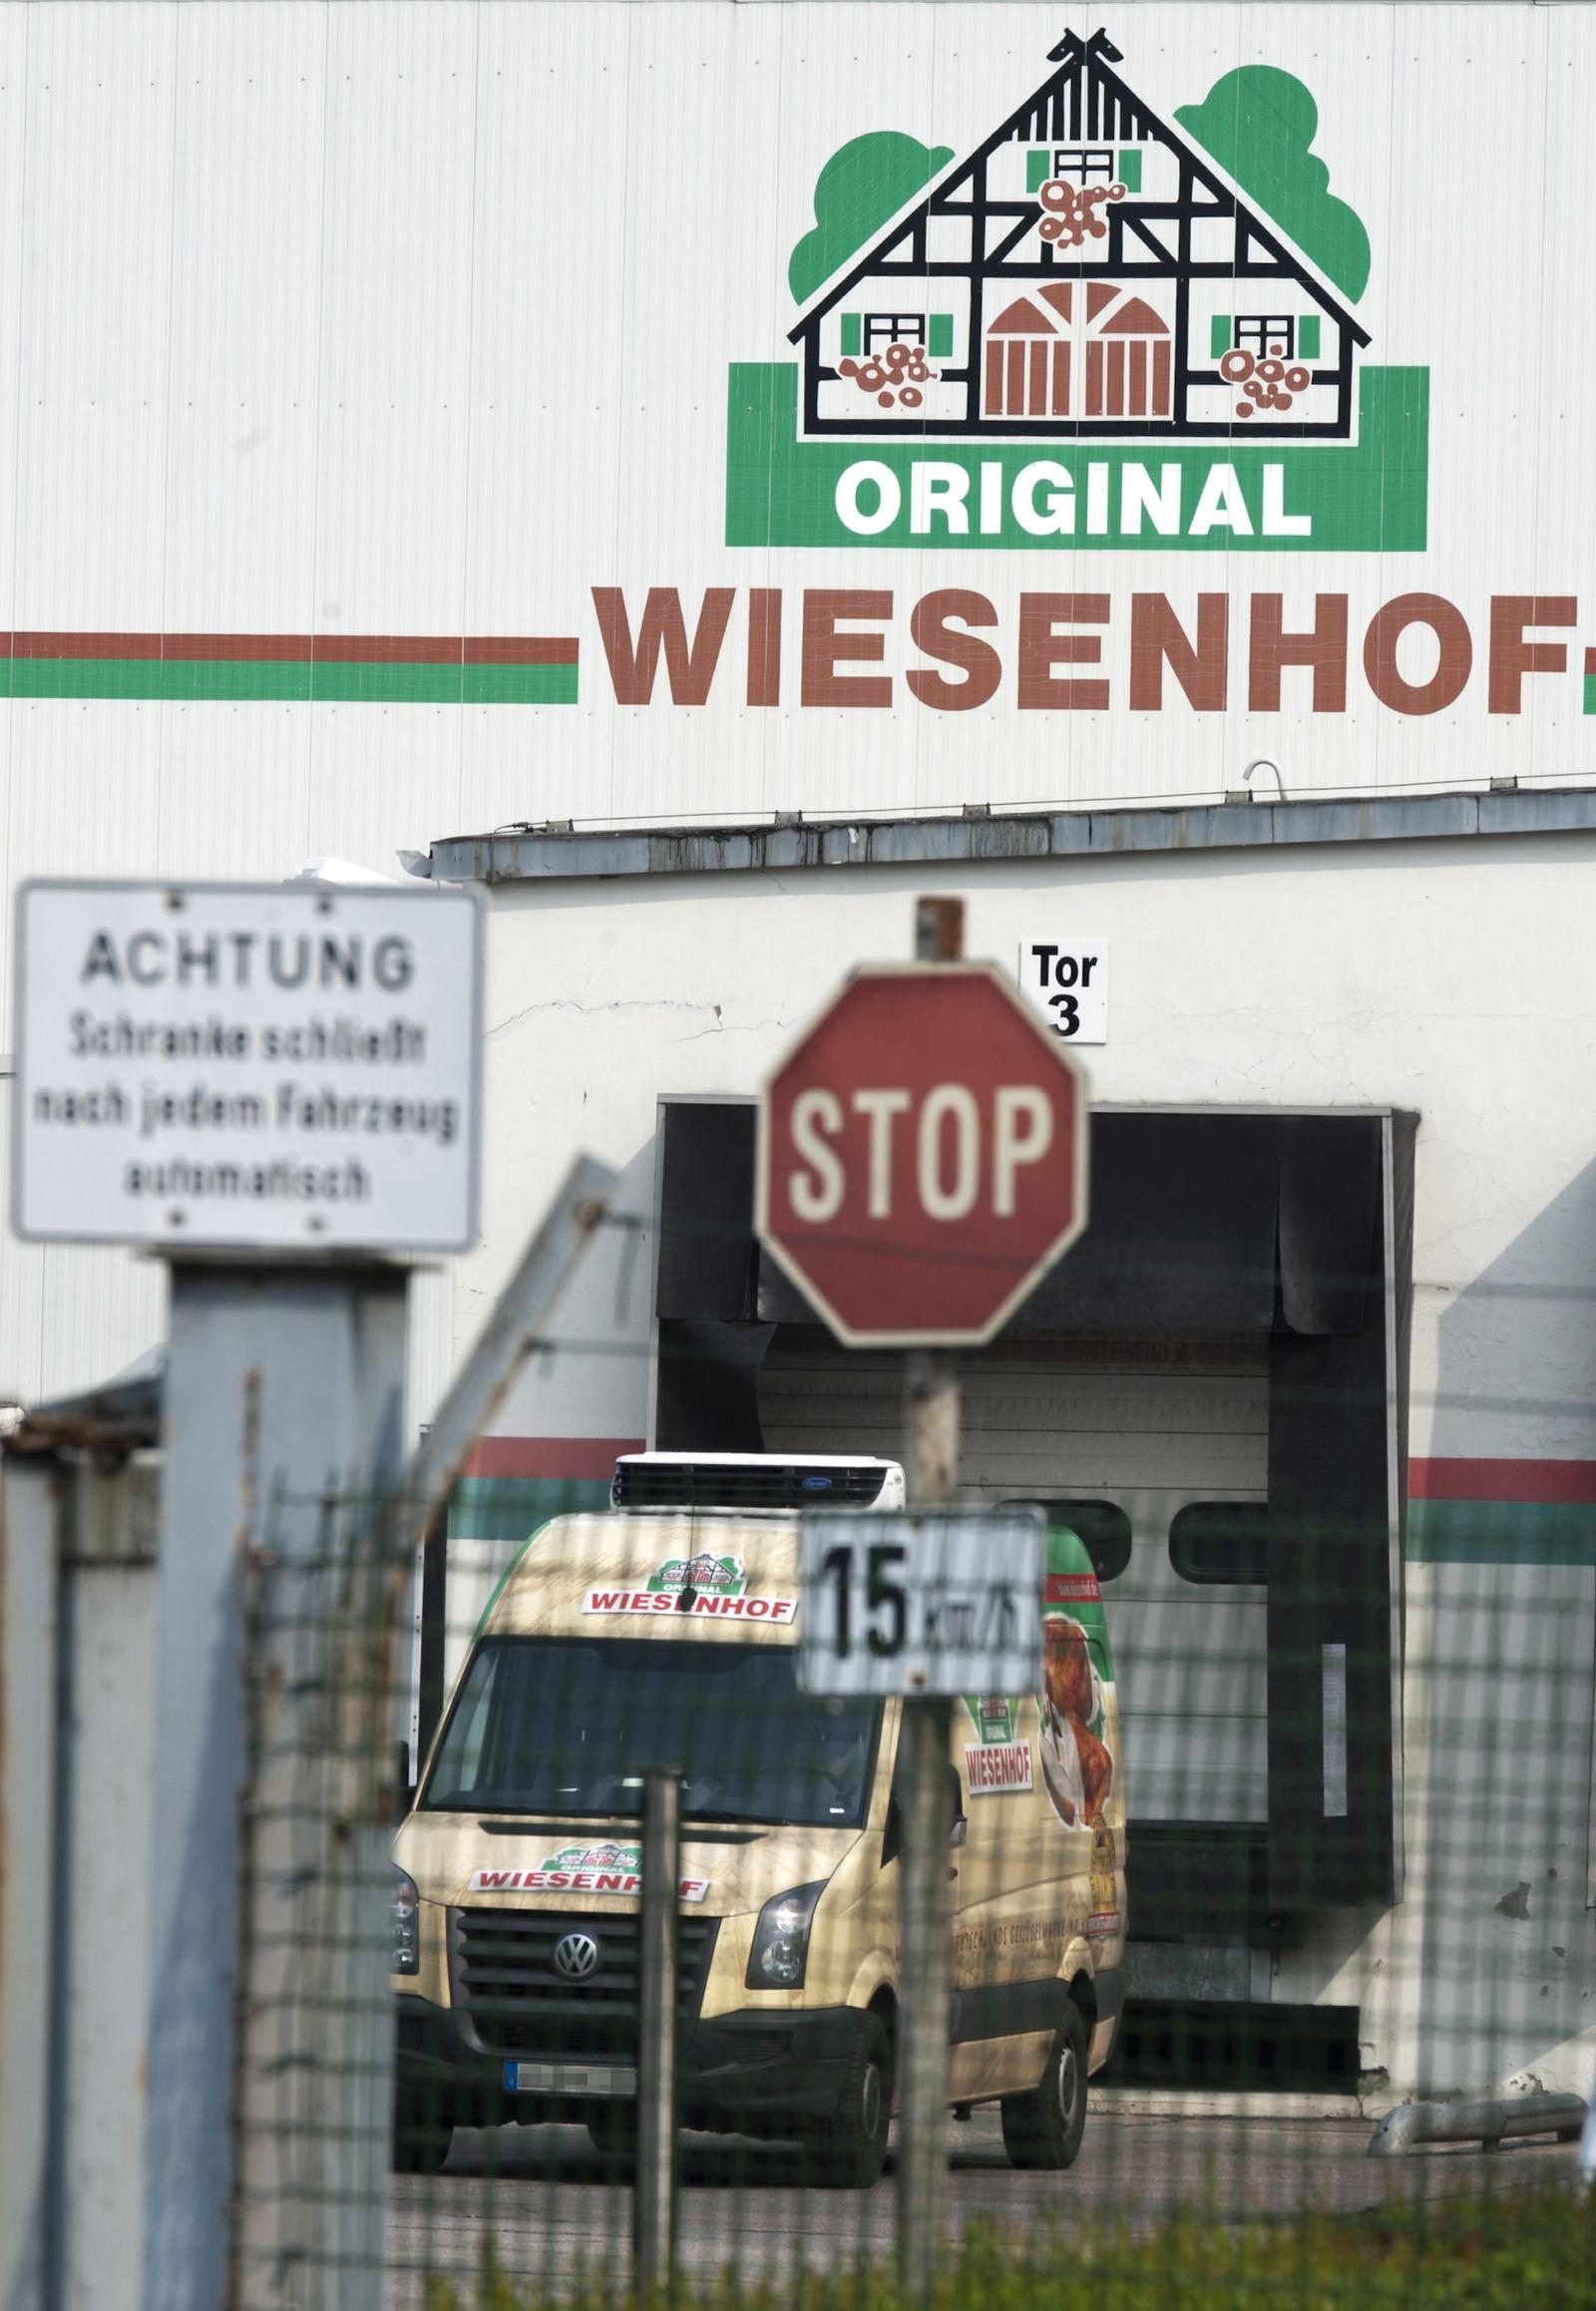 NICHT VERWENDEN Wiesenhof